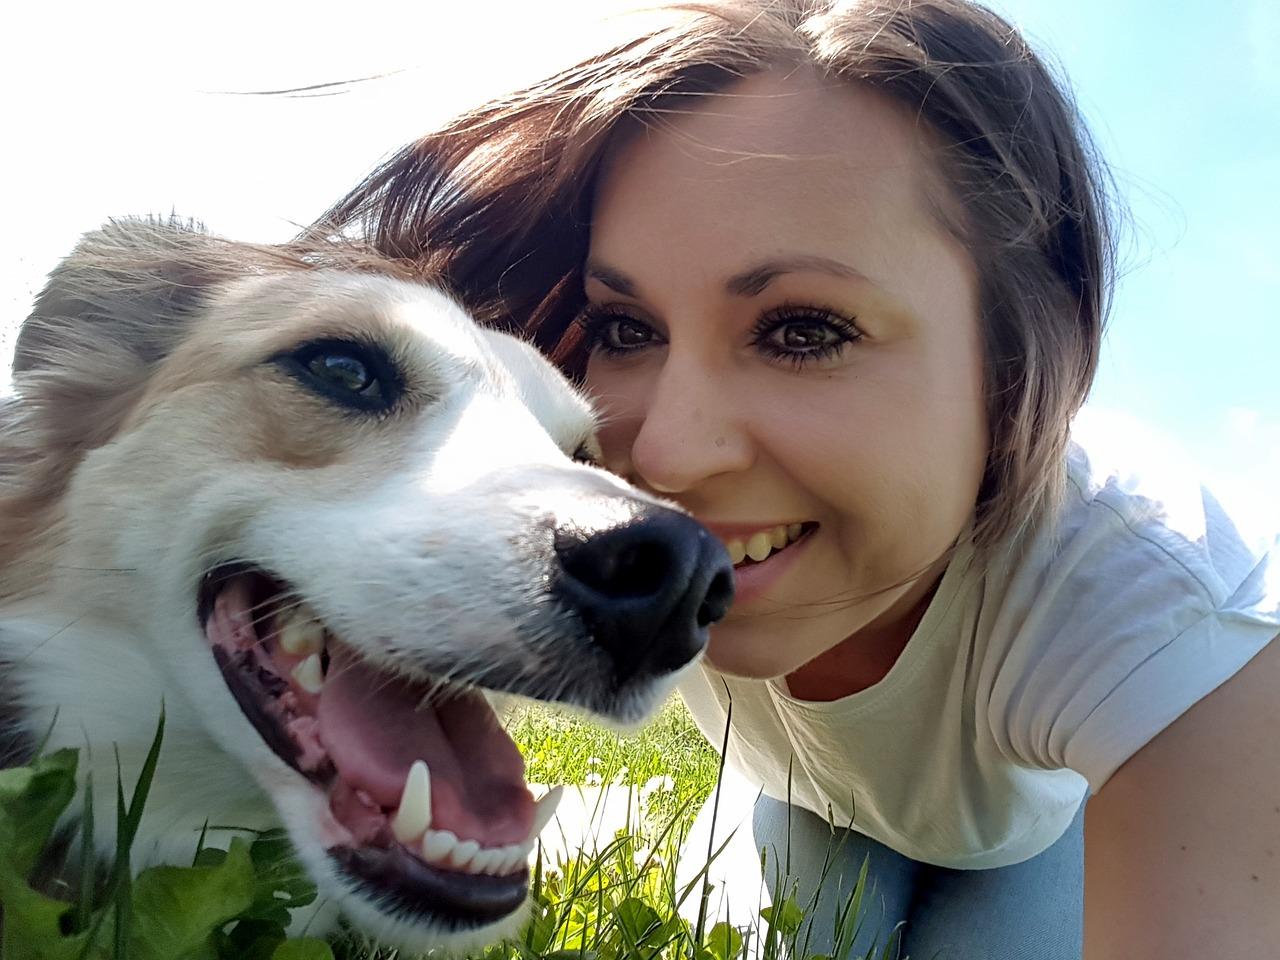 چه خوراکی هایی باعث مرگ حیوان خانگی می شود؟